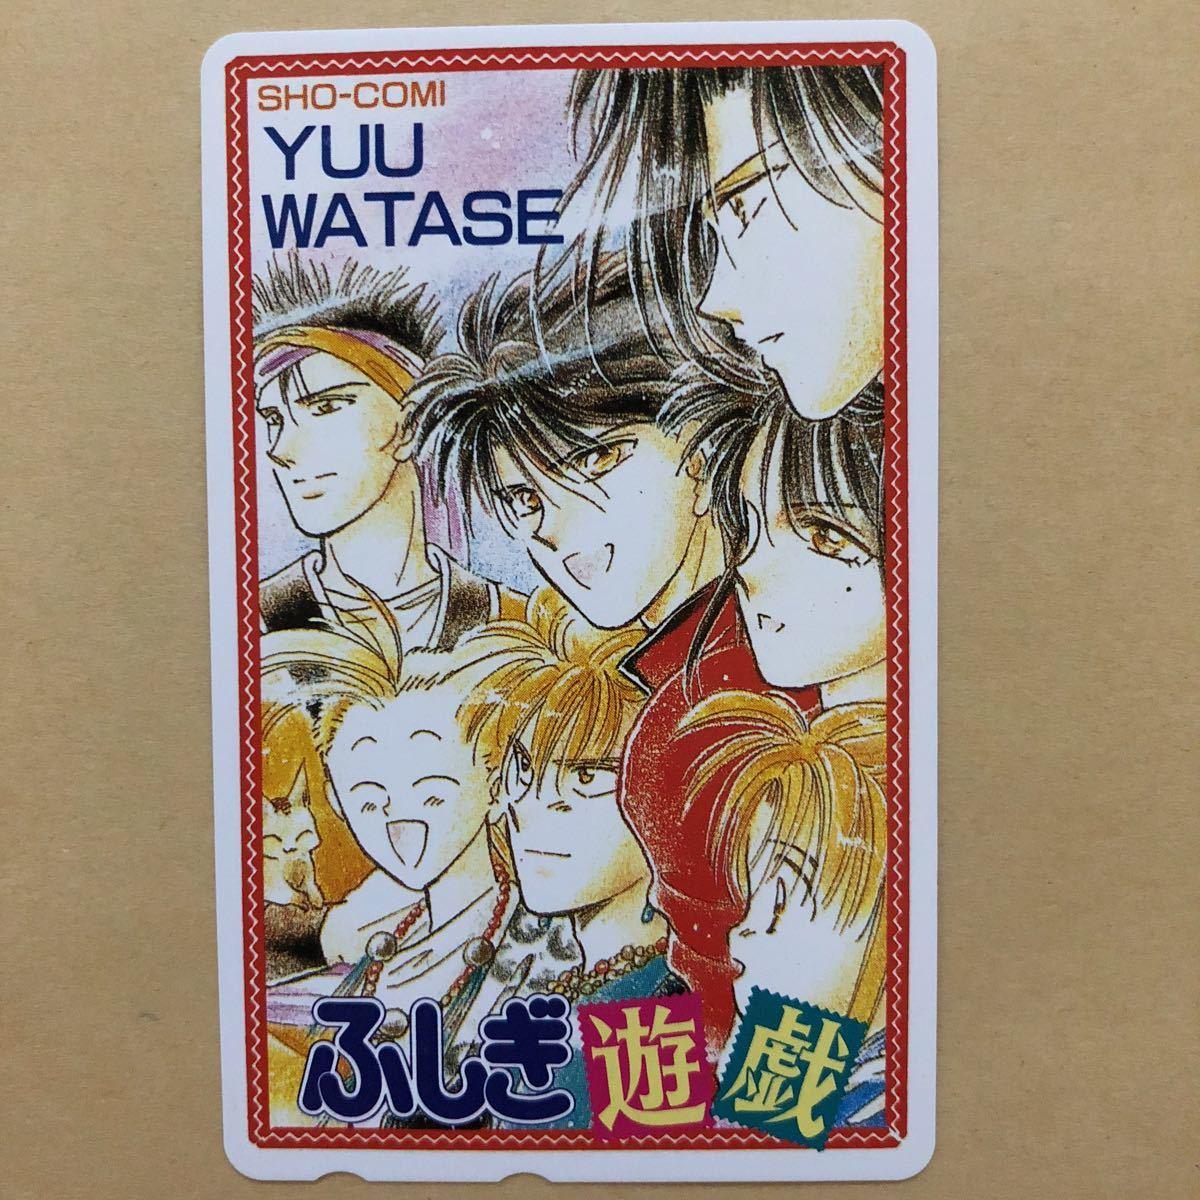 [Unused] telephone card 50 degrees Fushigi Yugi Yuu Watase